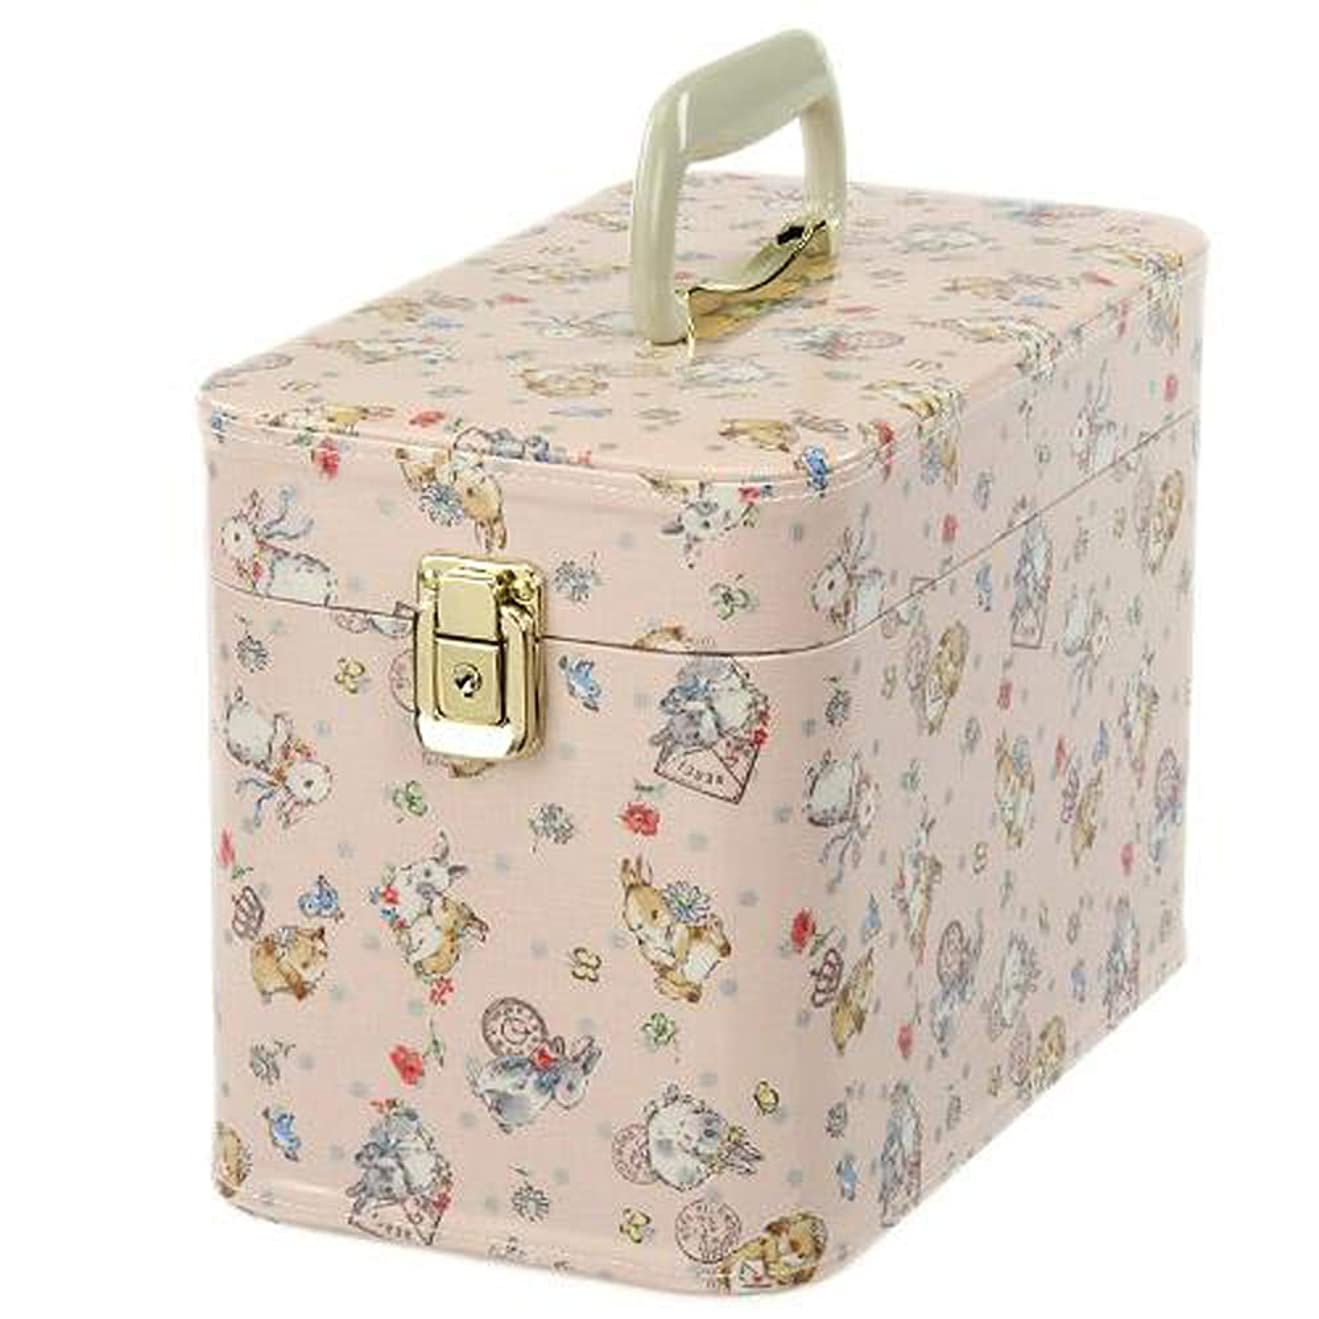 ブラジャー伝染病十日本製 メイクボックス (コスメボックス)うさぎ柄 30cm ペールピンク トレンケース(鍵付き/コスメボックス)